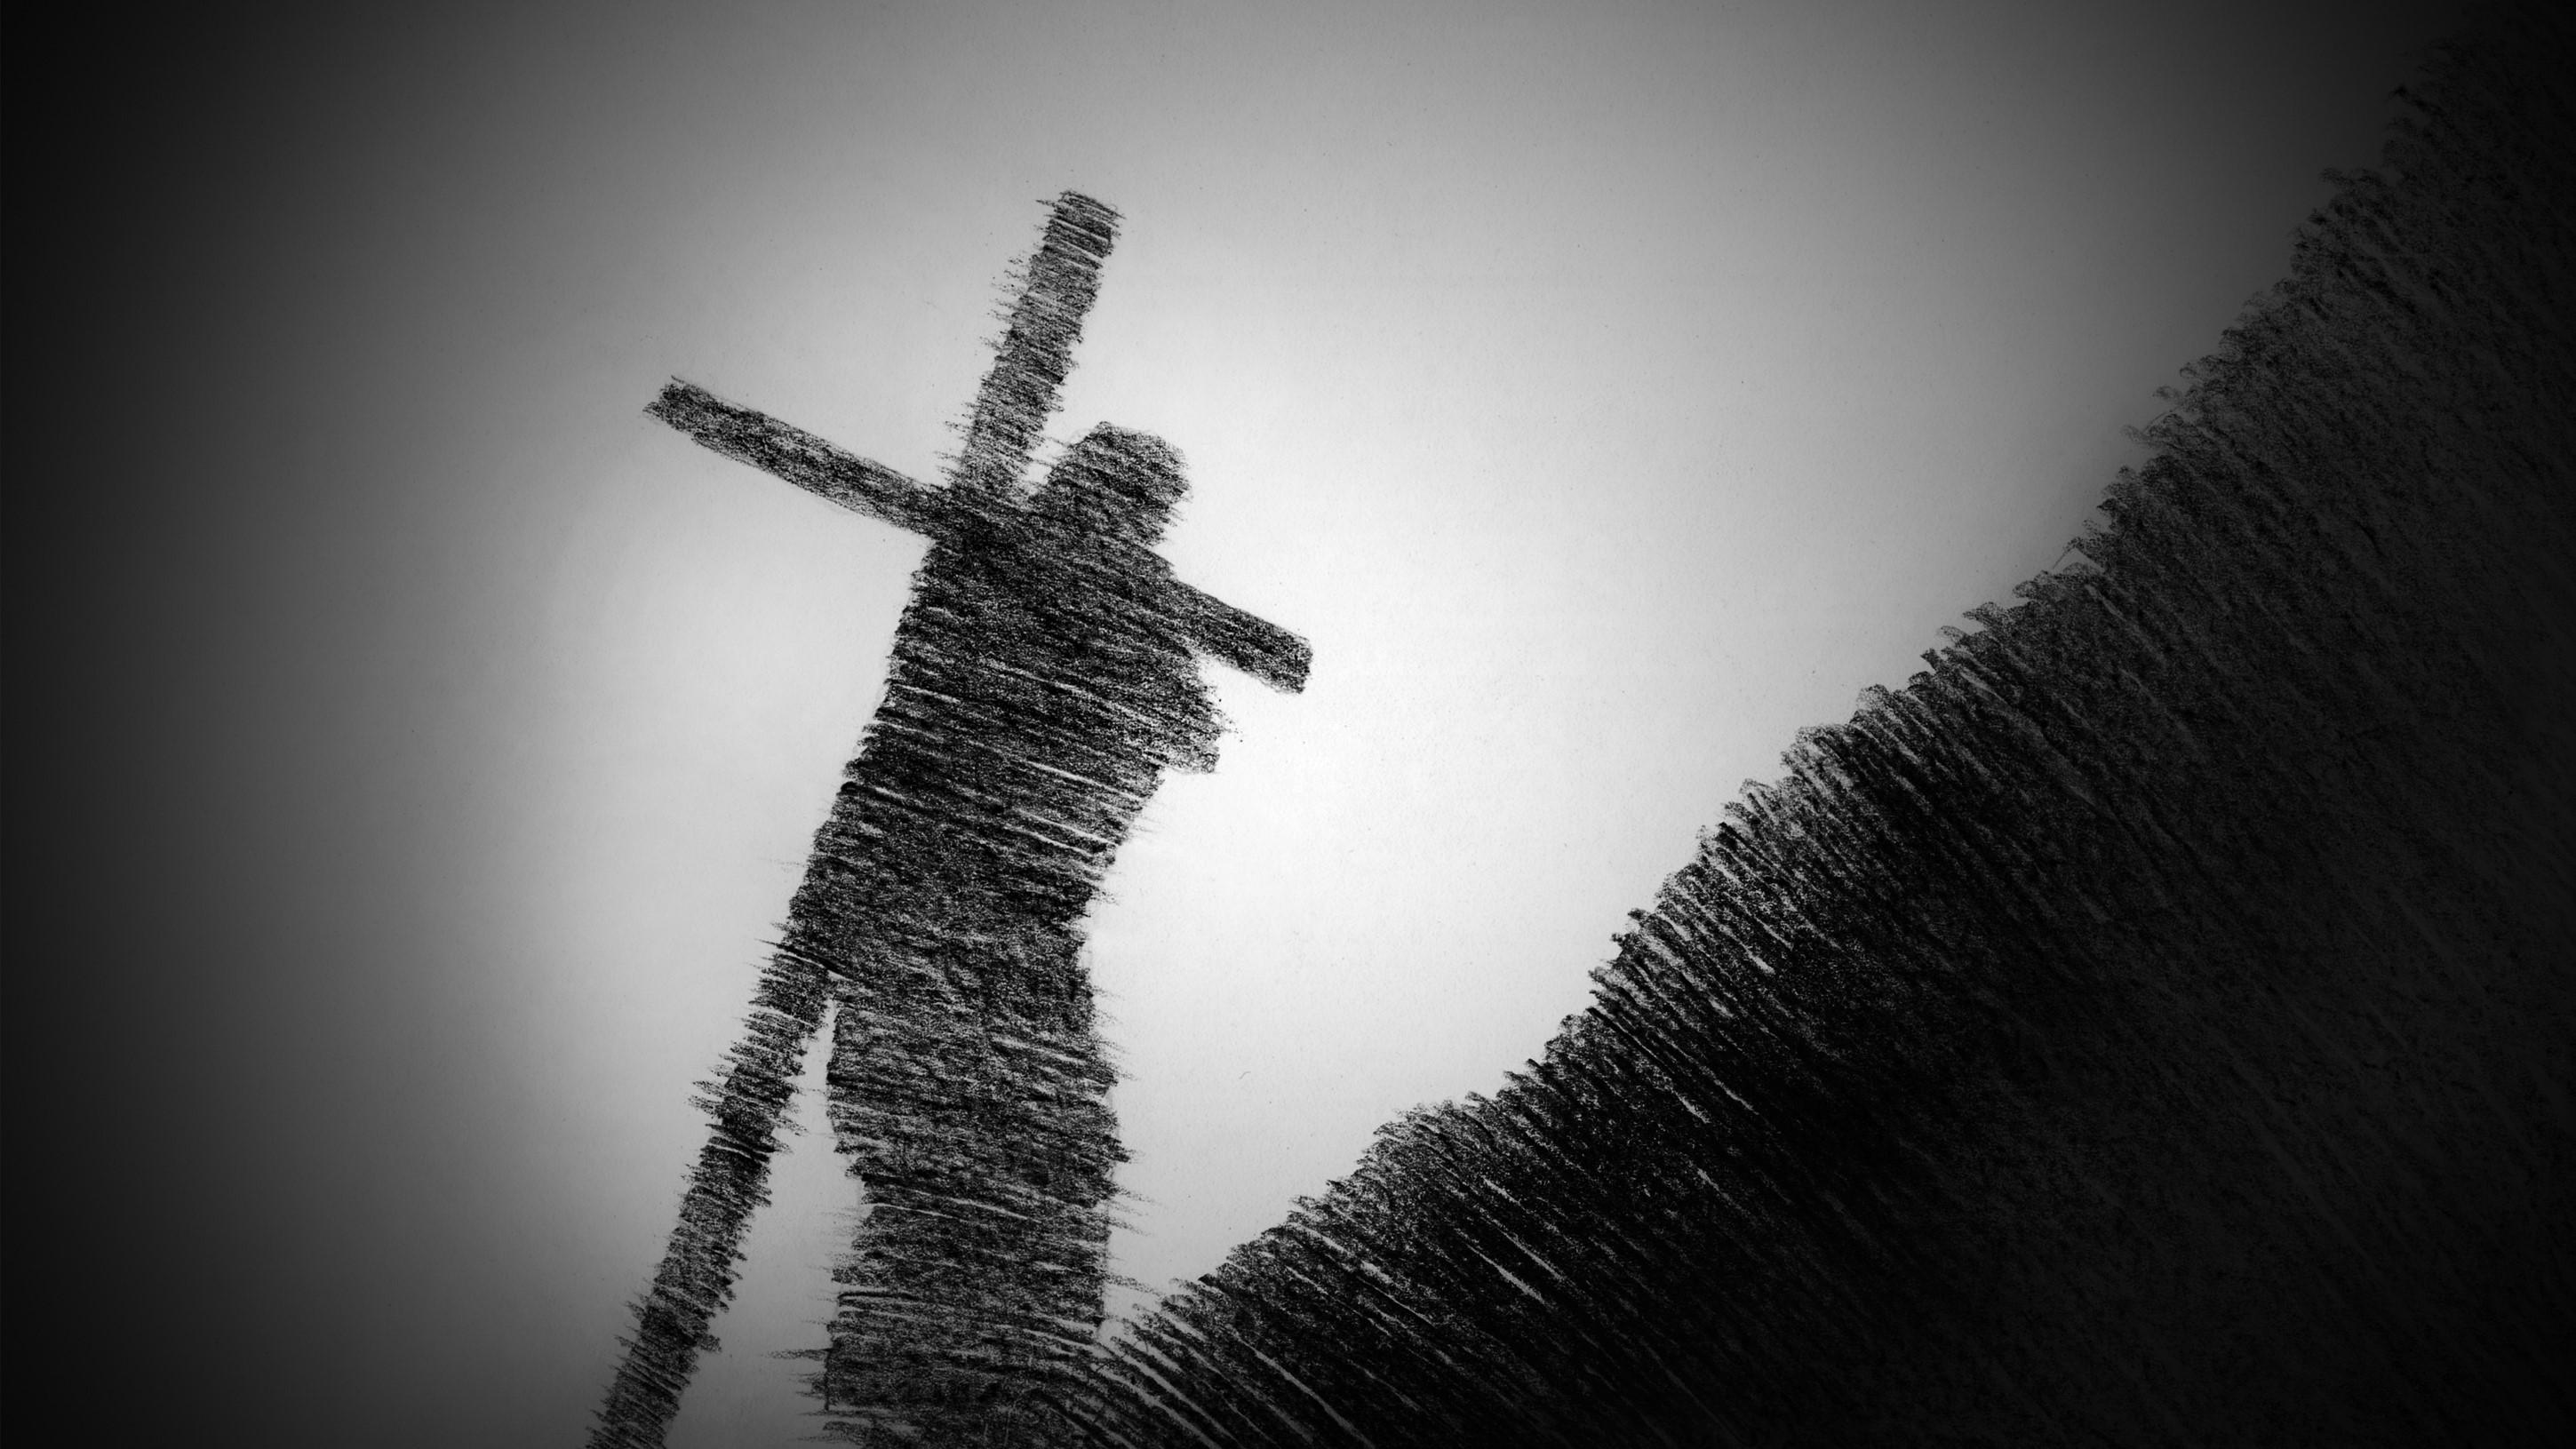 Notre foi est-elle fondée sur la souffrance?